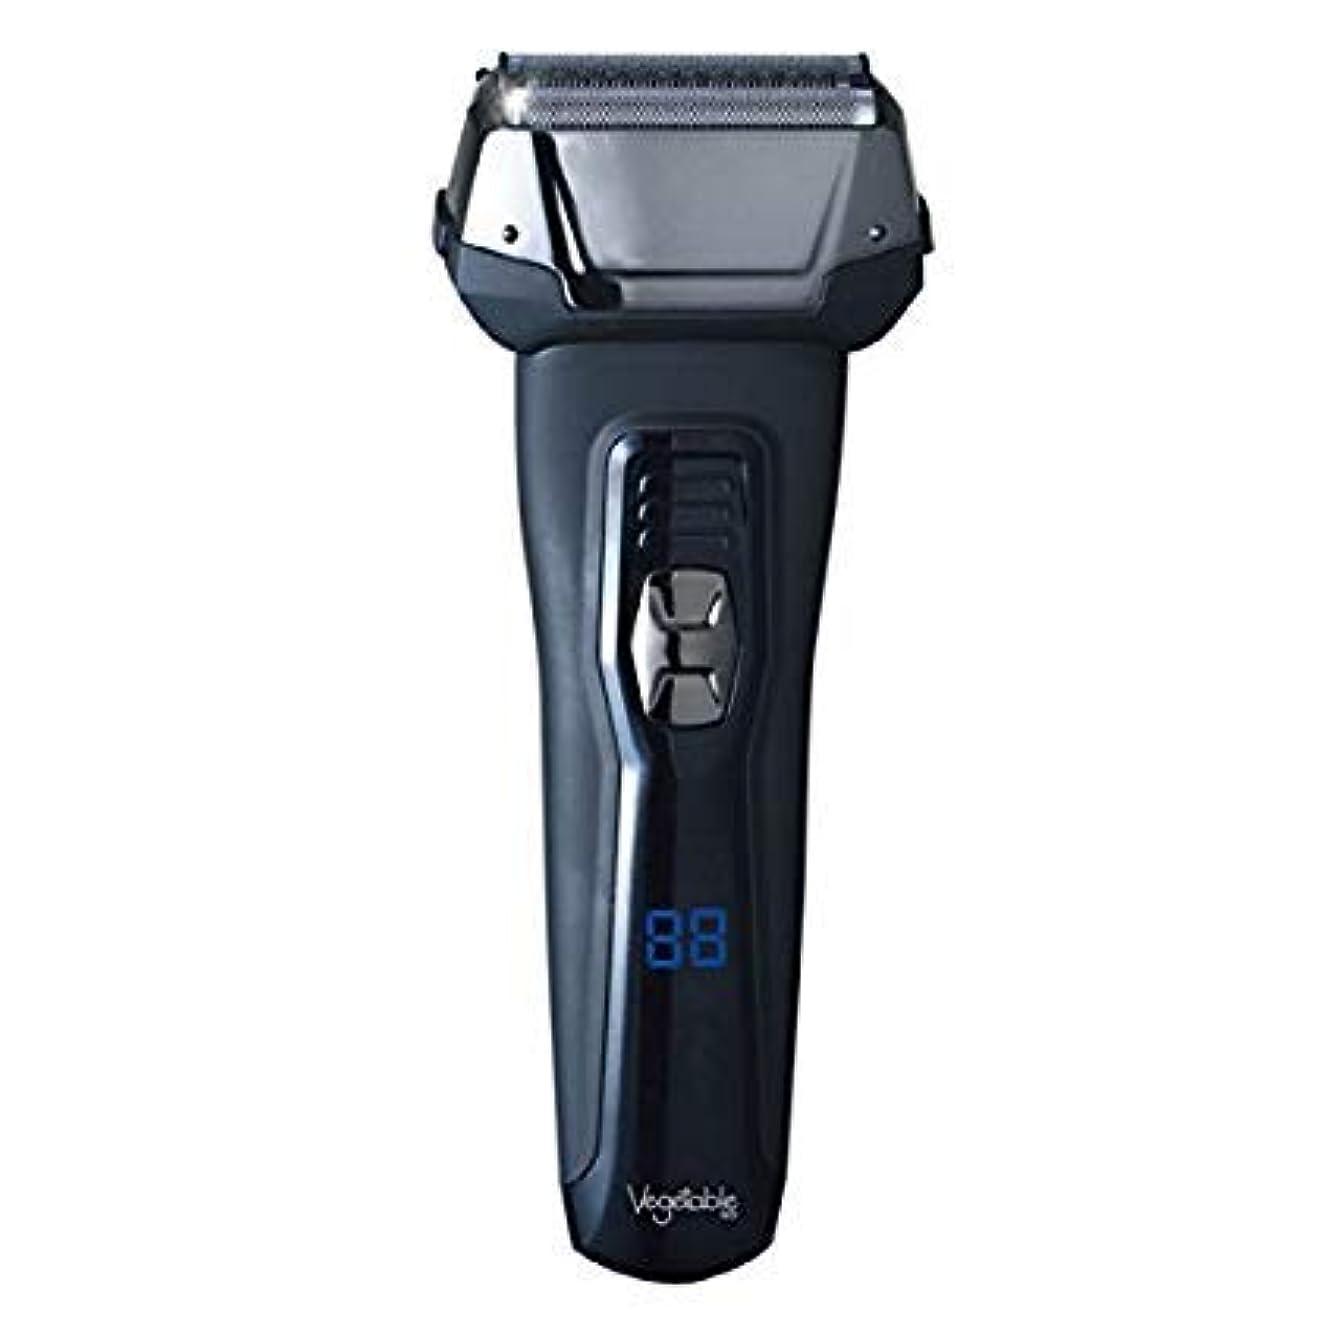 ストッキング食器棚パラメータ髭剃り 電気シェーバー Vegetable 3枚刃 充電交流式ウォッシャブルデジタルシェーバー GD-S307D